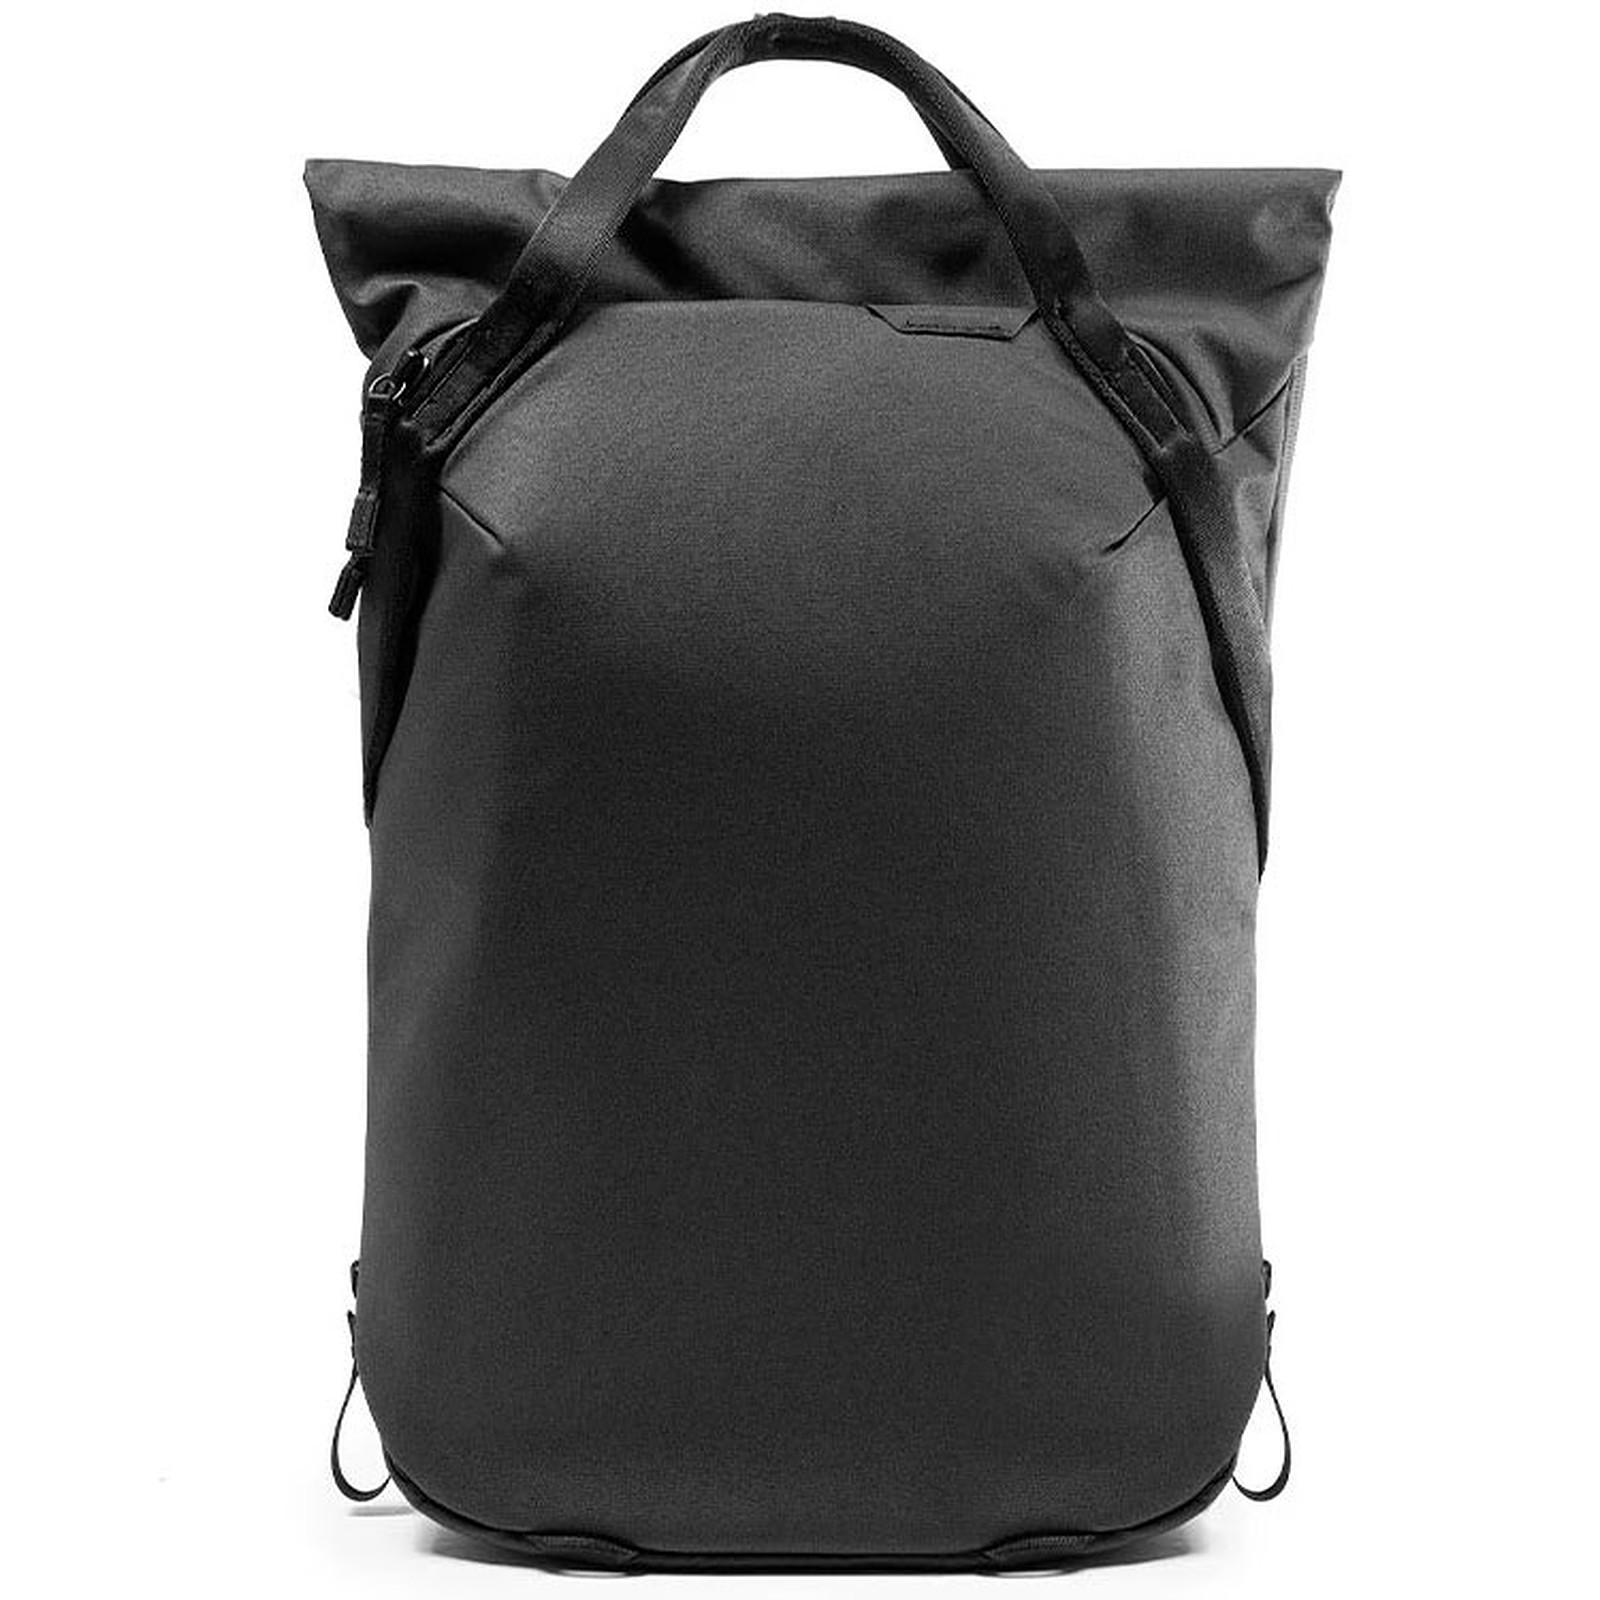 Peak Design Everyday Totepack V2 20L Noir